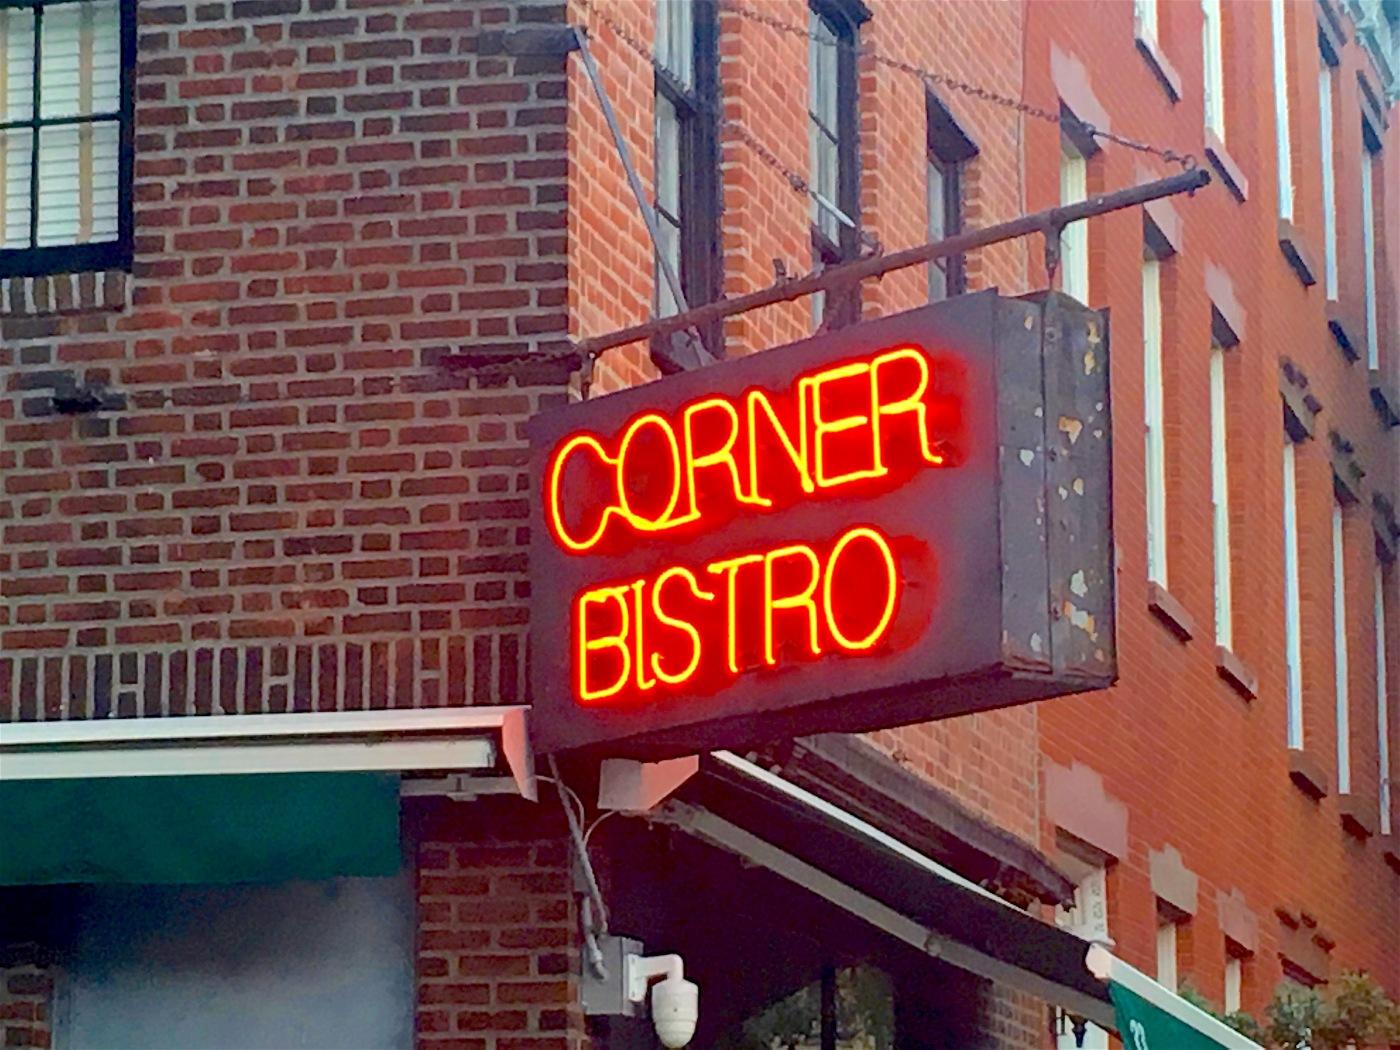 Corner Bistro West Village   Ephemeral New York